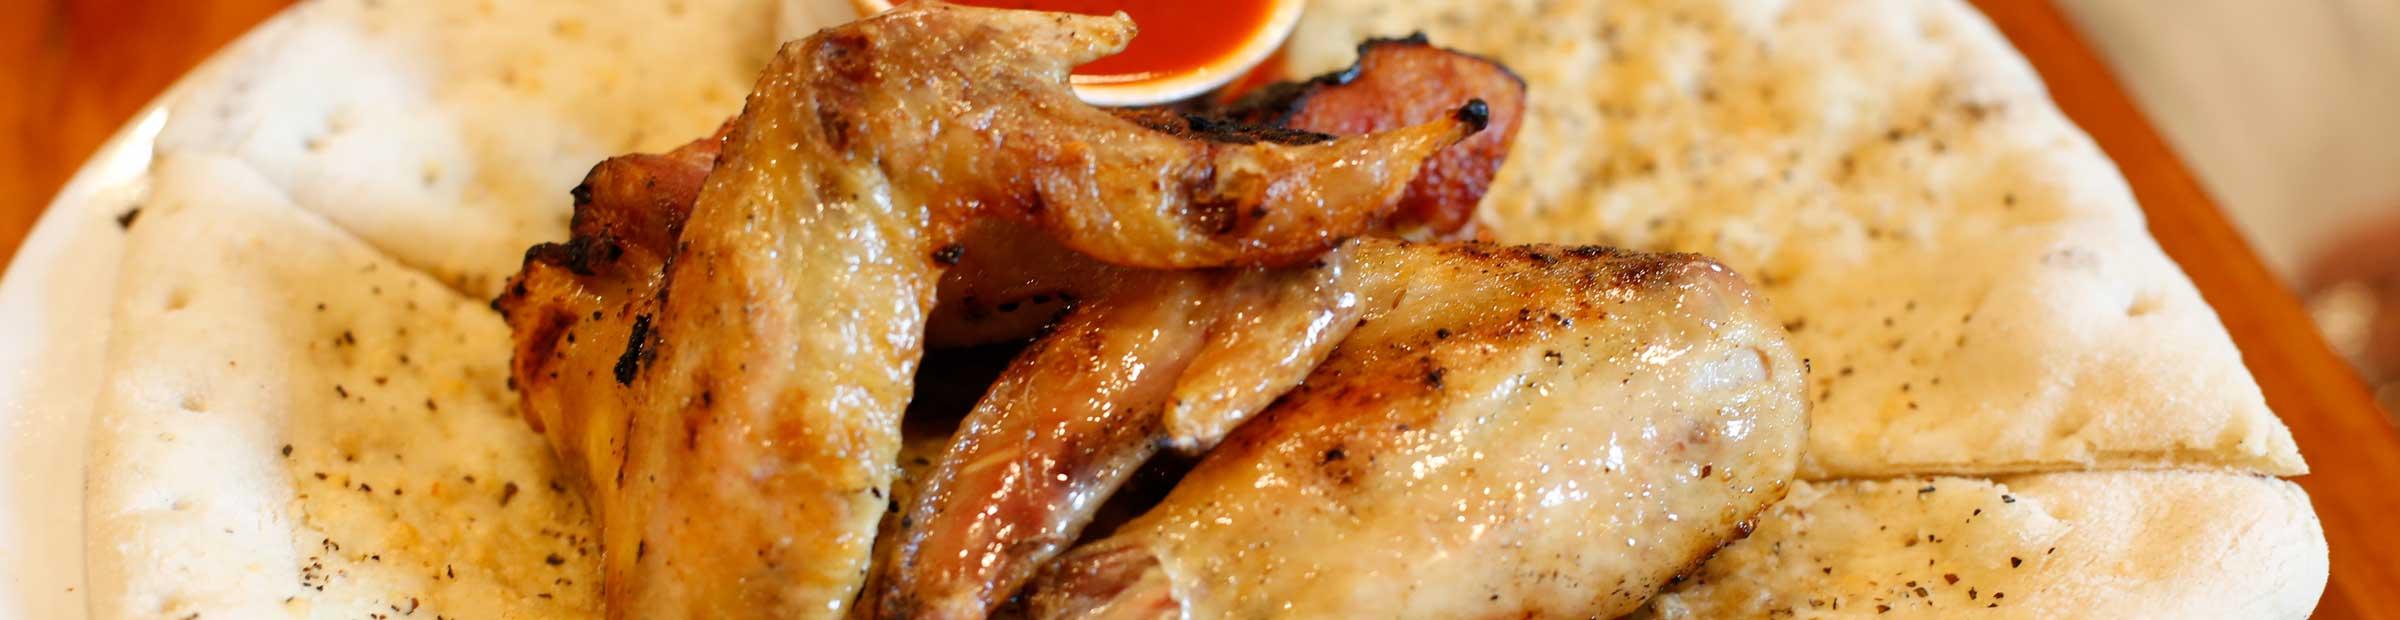 menu-sliver-wings